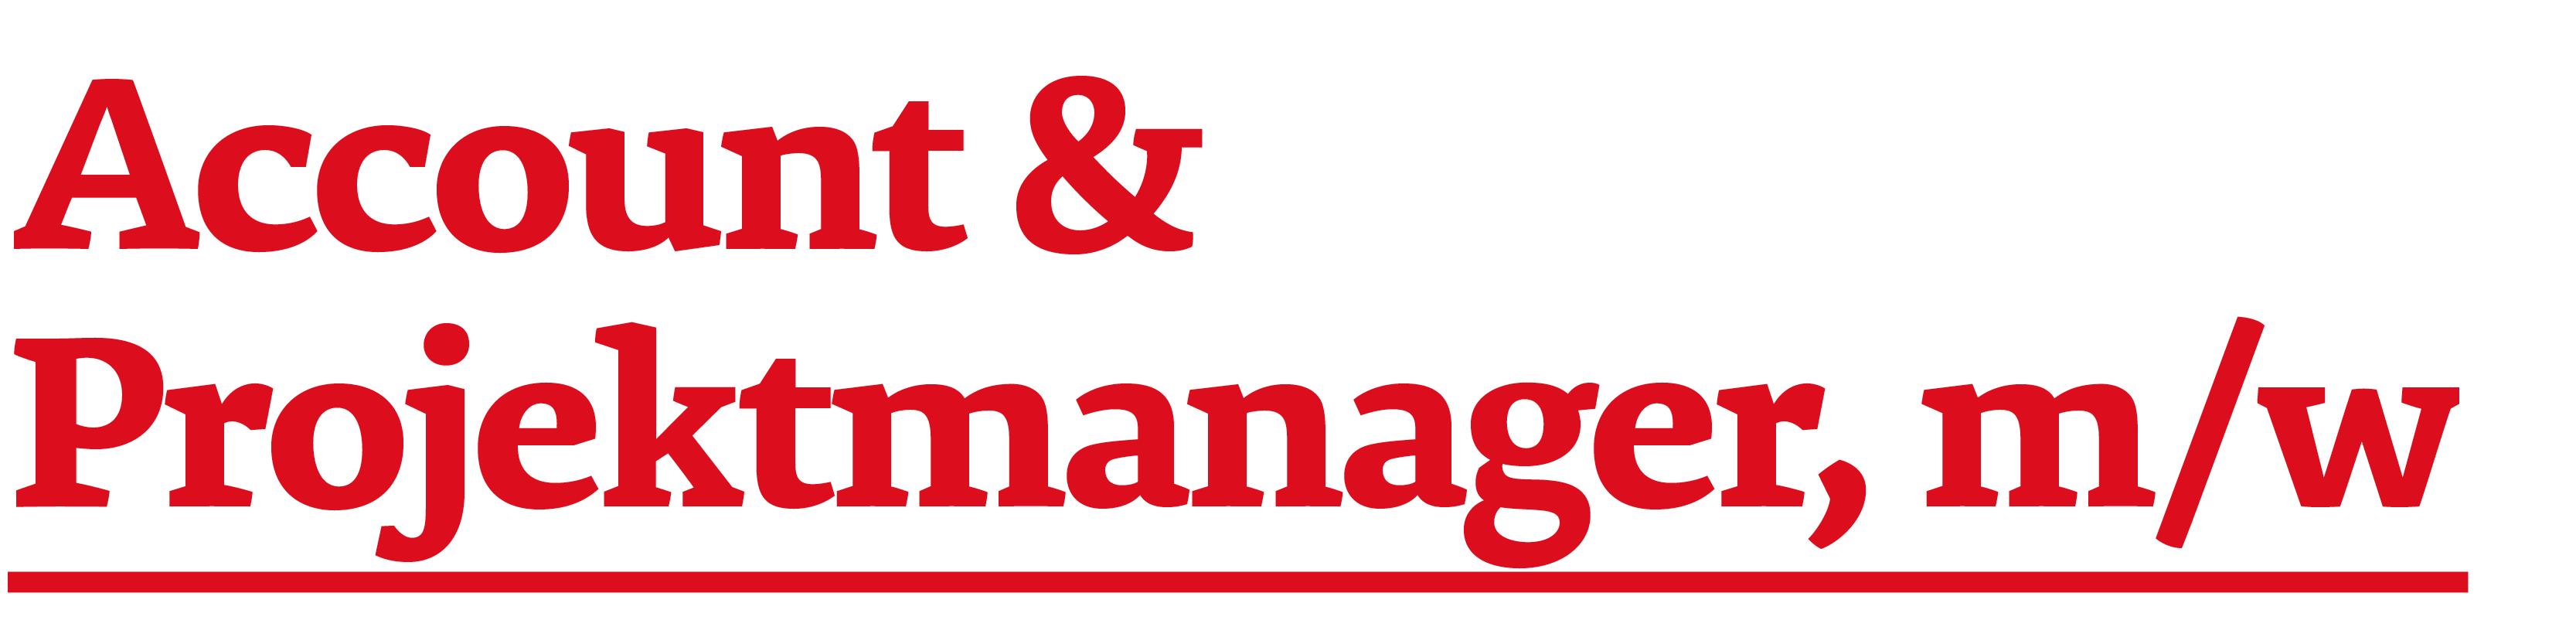 Headerbild zur Stellenanzeige Account- & Projektmanager, m/w